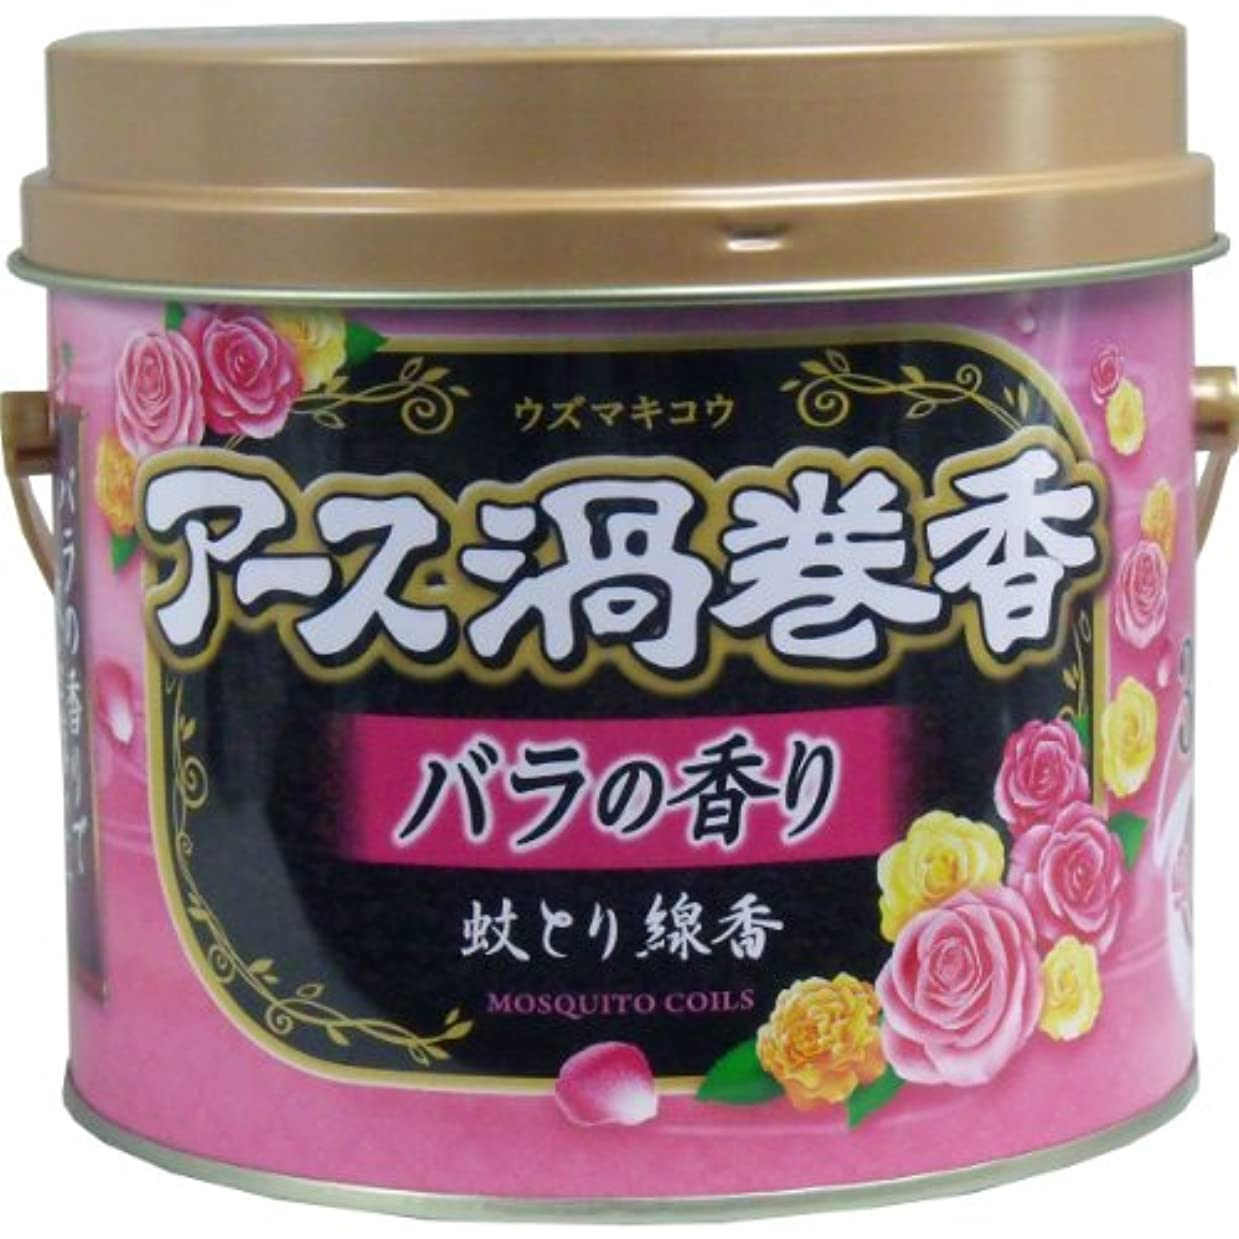 おしゃれな国籍ロマンスアース渦巻香 蚊とり線香 バラの香り 30巻 4個セット